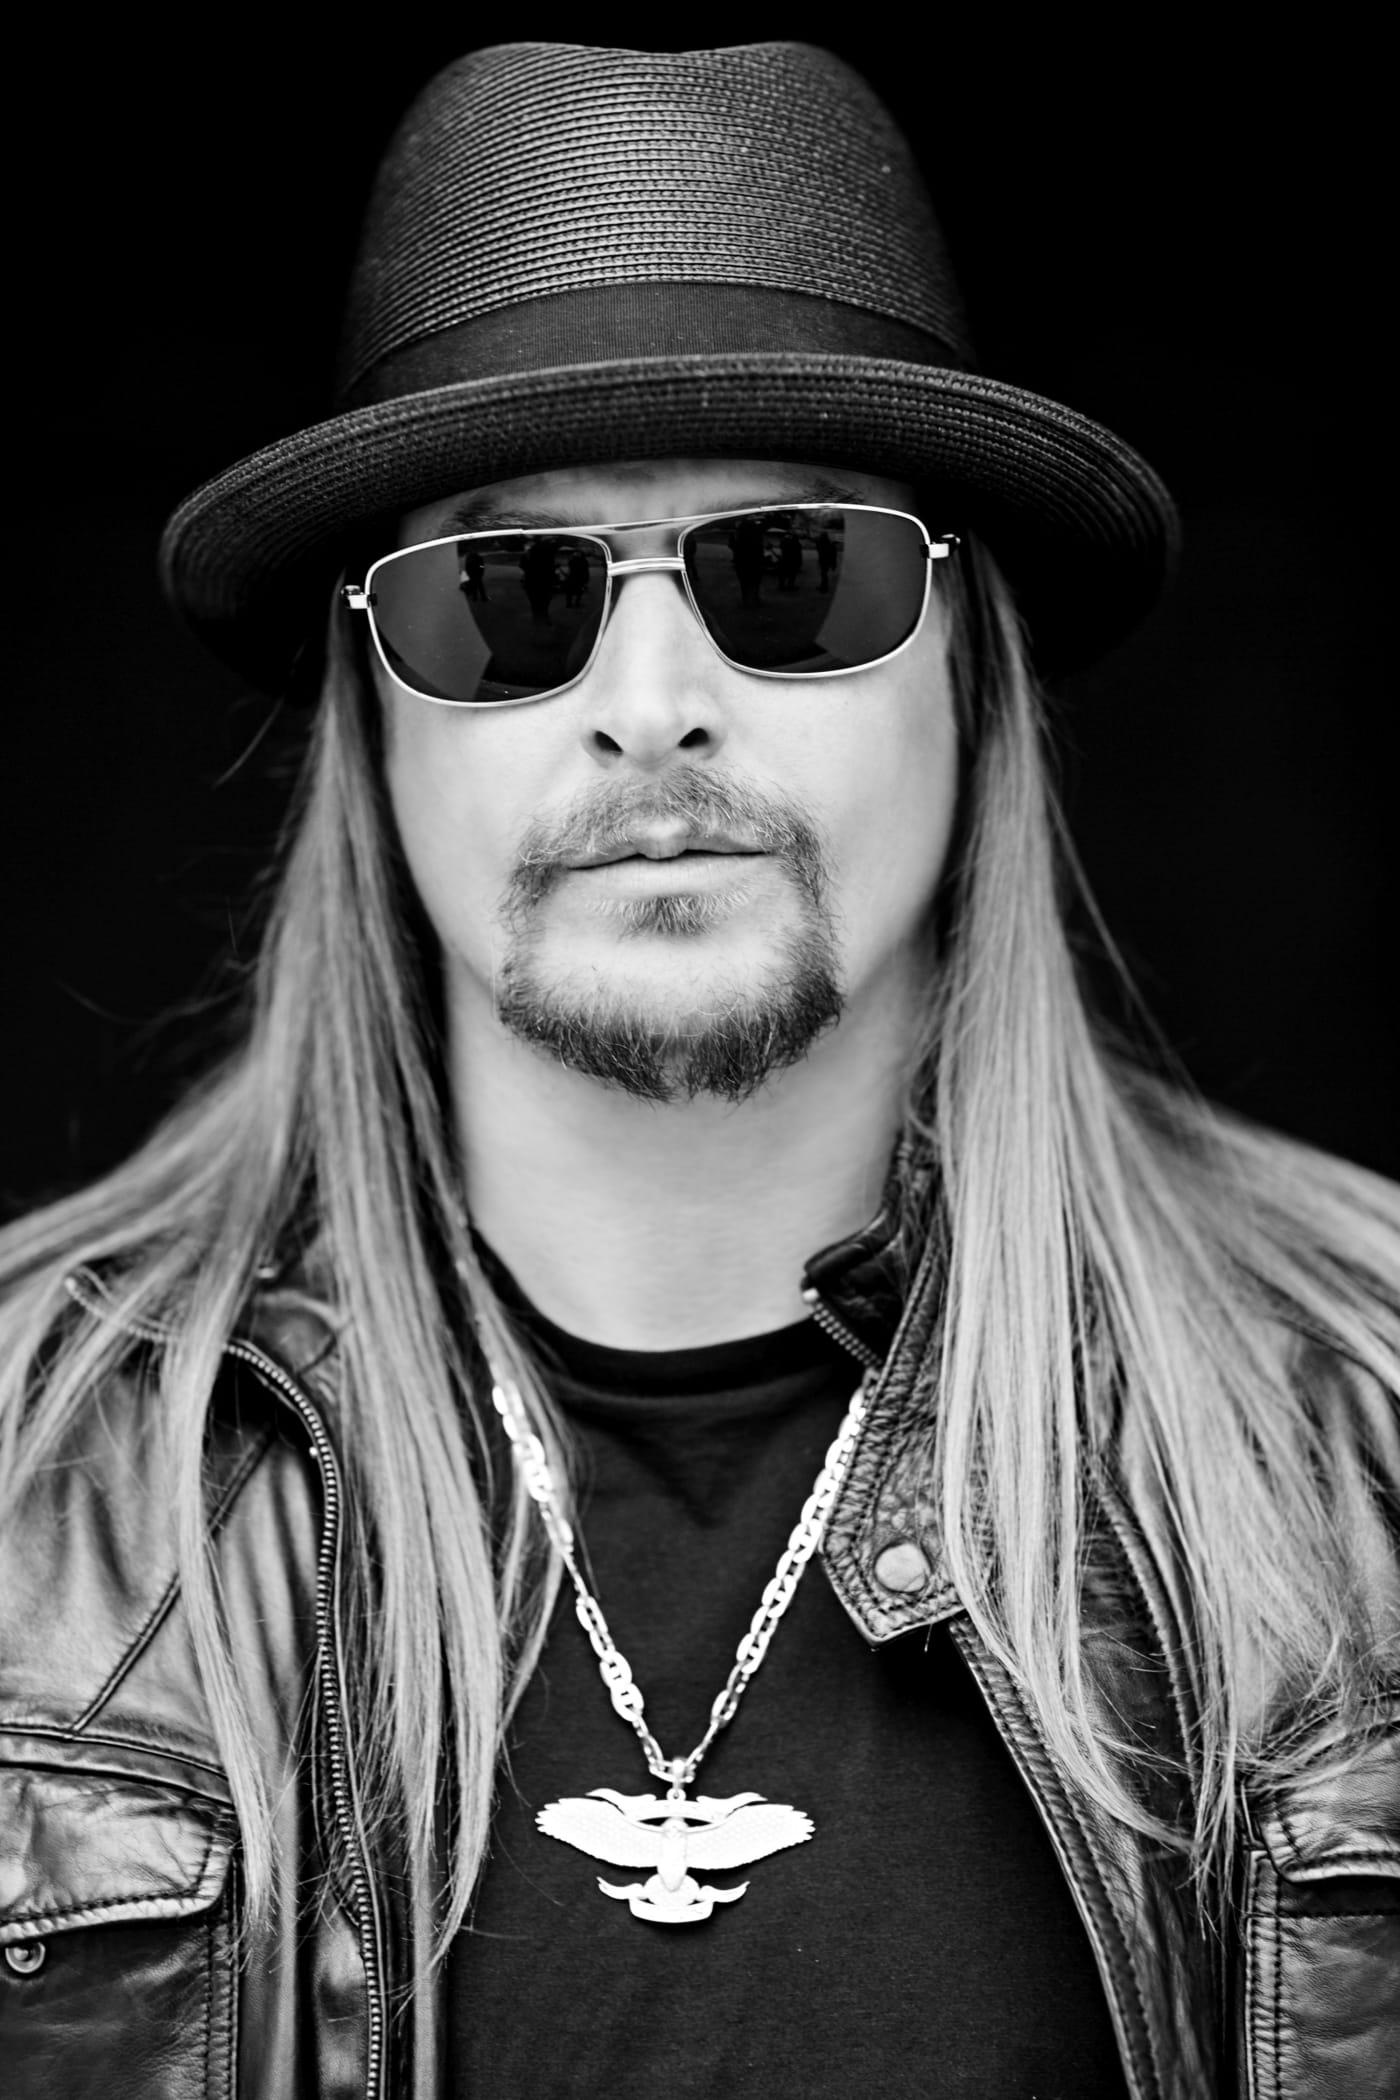 Kid Rock Press Photo